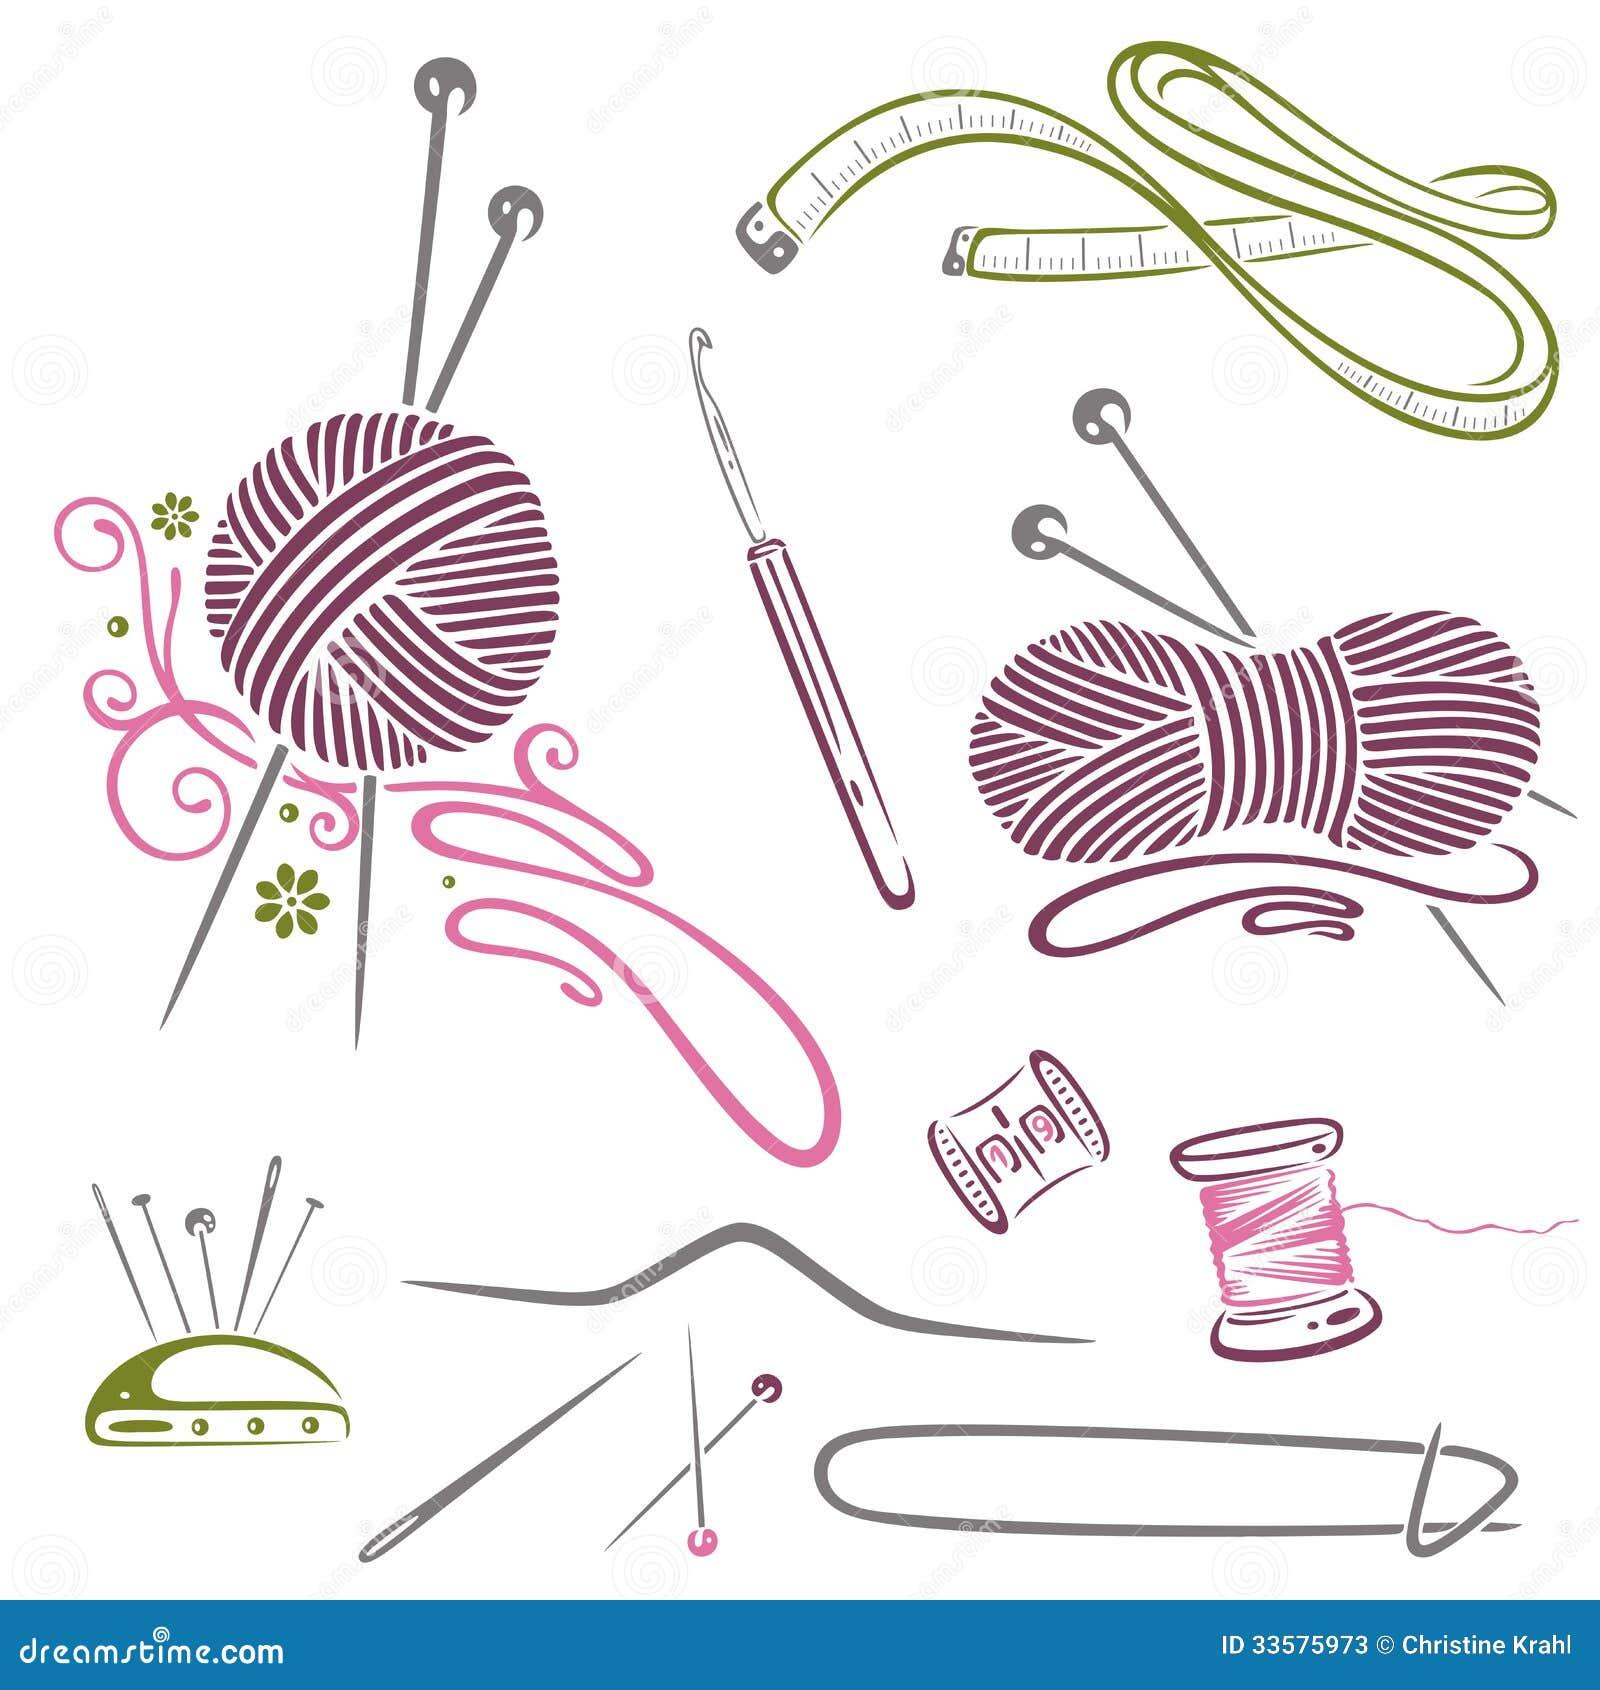 Vintage Knitting Clipart : Needlework knitting wool crochet stock vector image